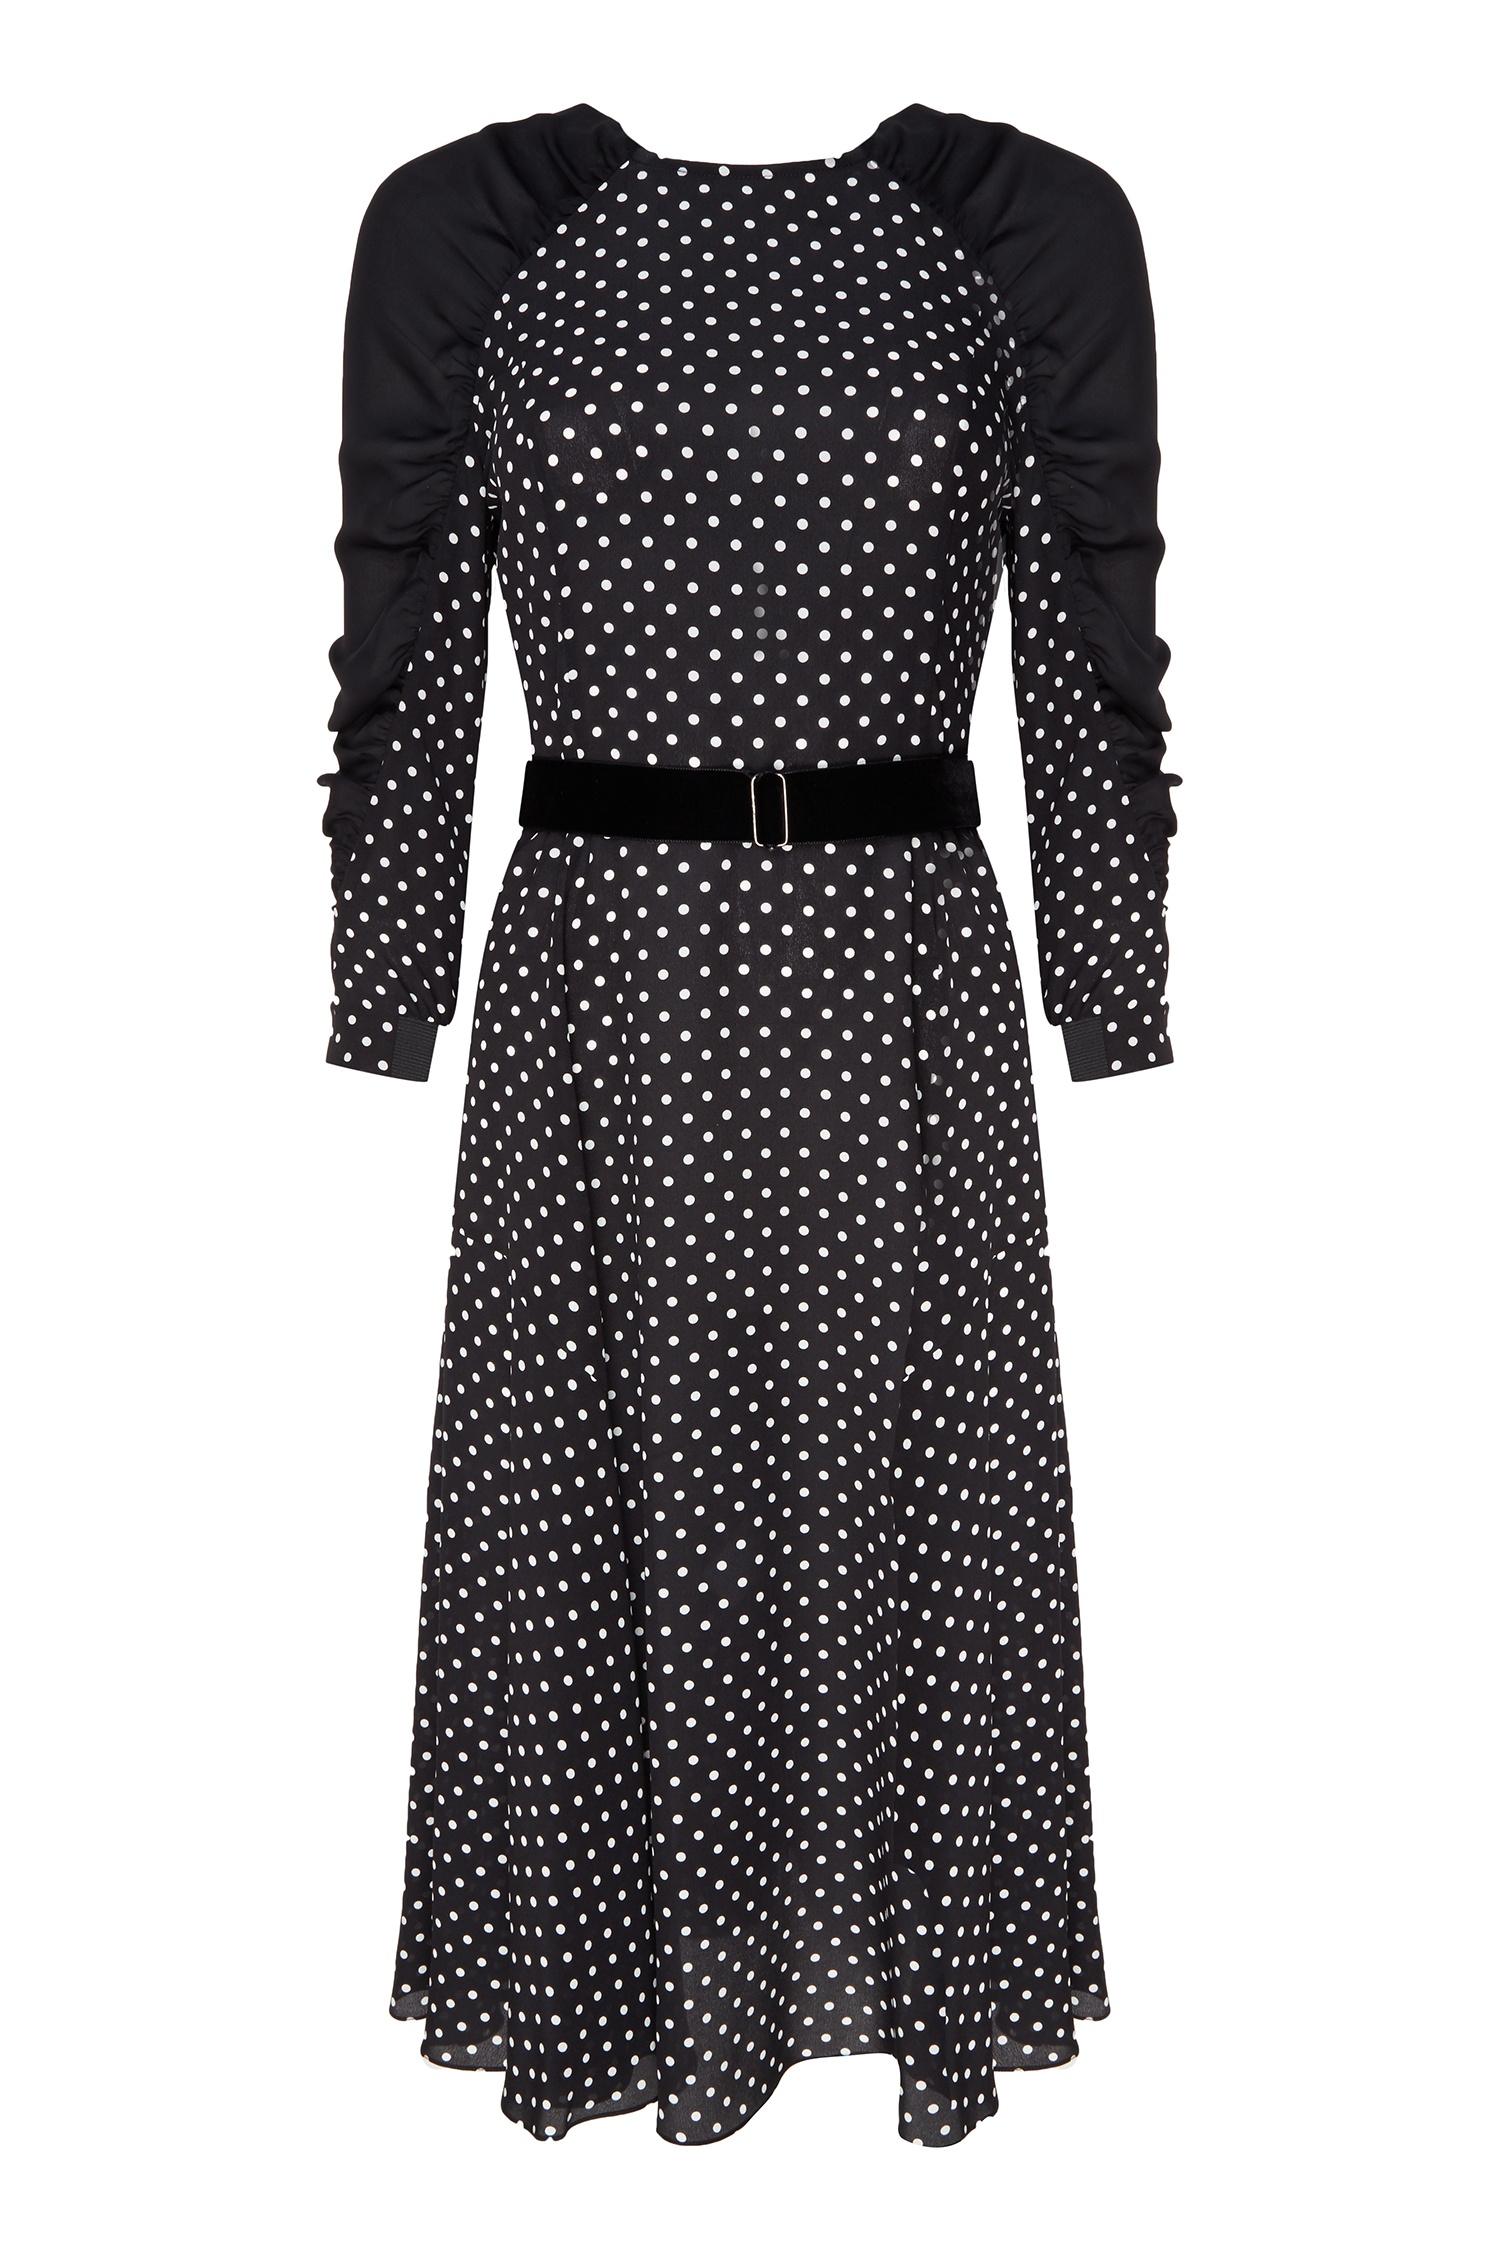 32b9293964d Черное шелковое платье в белый горох The Dress – купить в интернет ...